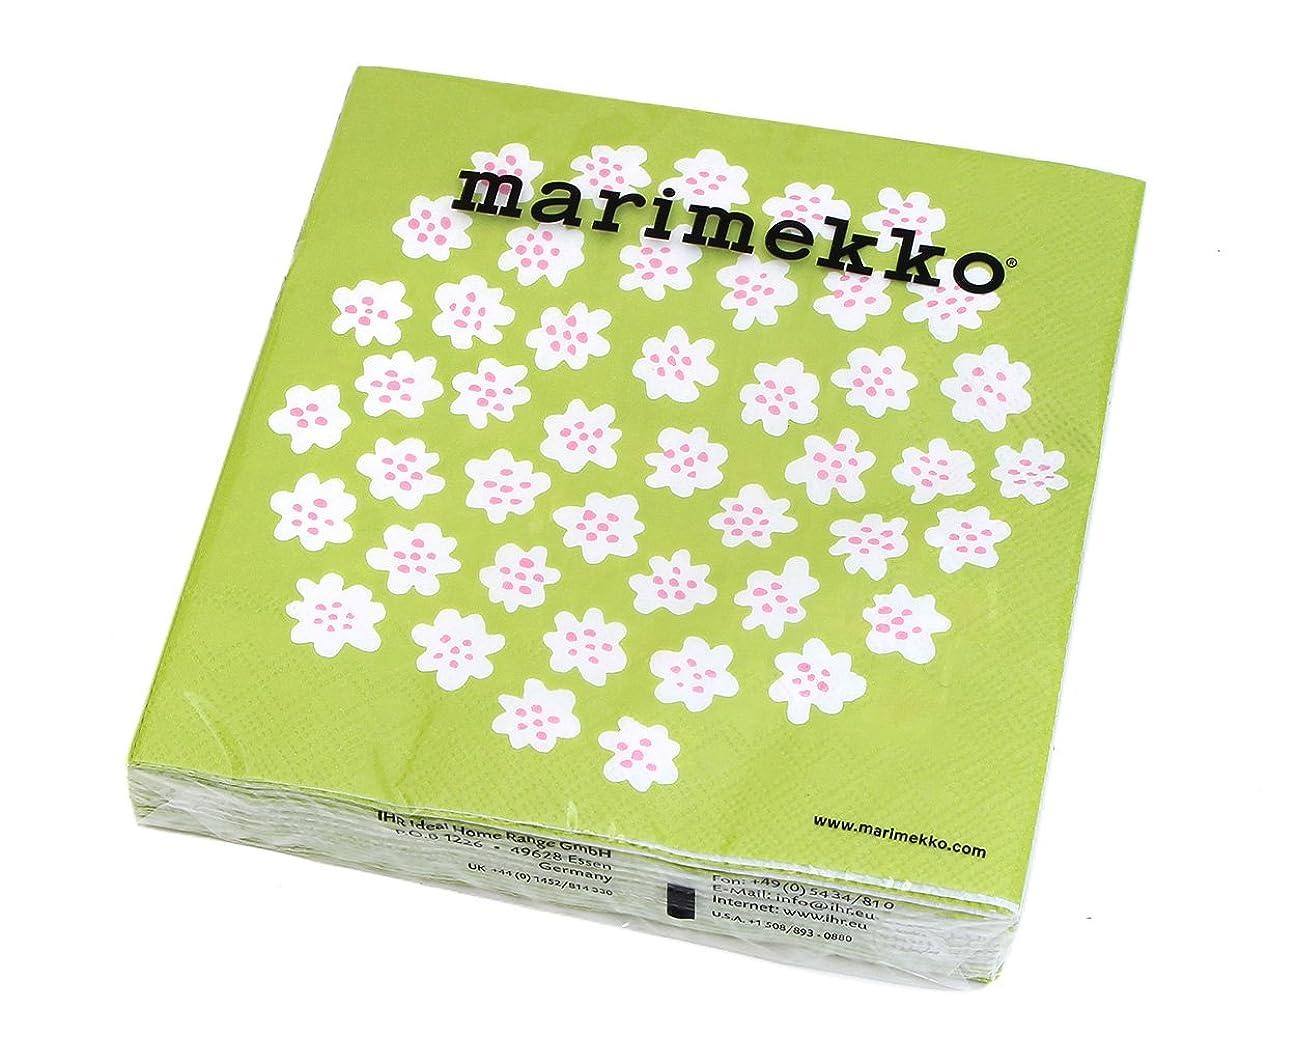 判読できない水平方法論マリメッコ(marimekko) ペーパーナプキン プケッティ ライトグリーン 33x33cm 20枚入り PUKETTI 575729 [並行輸入品]